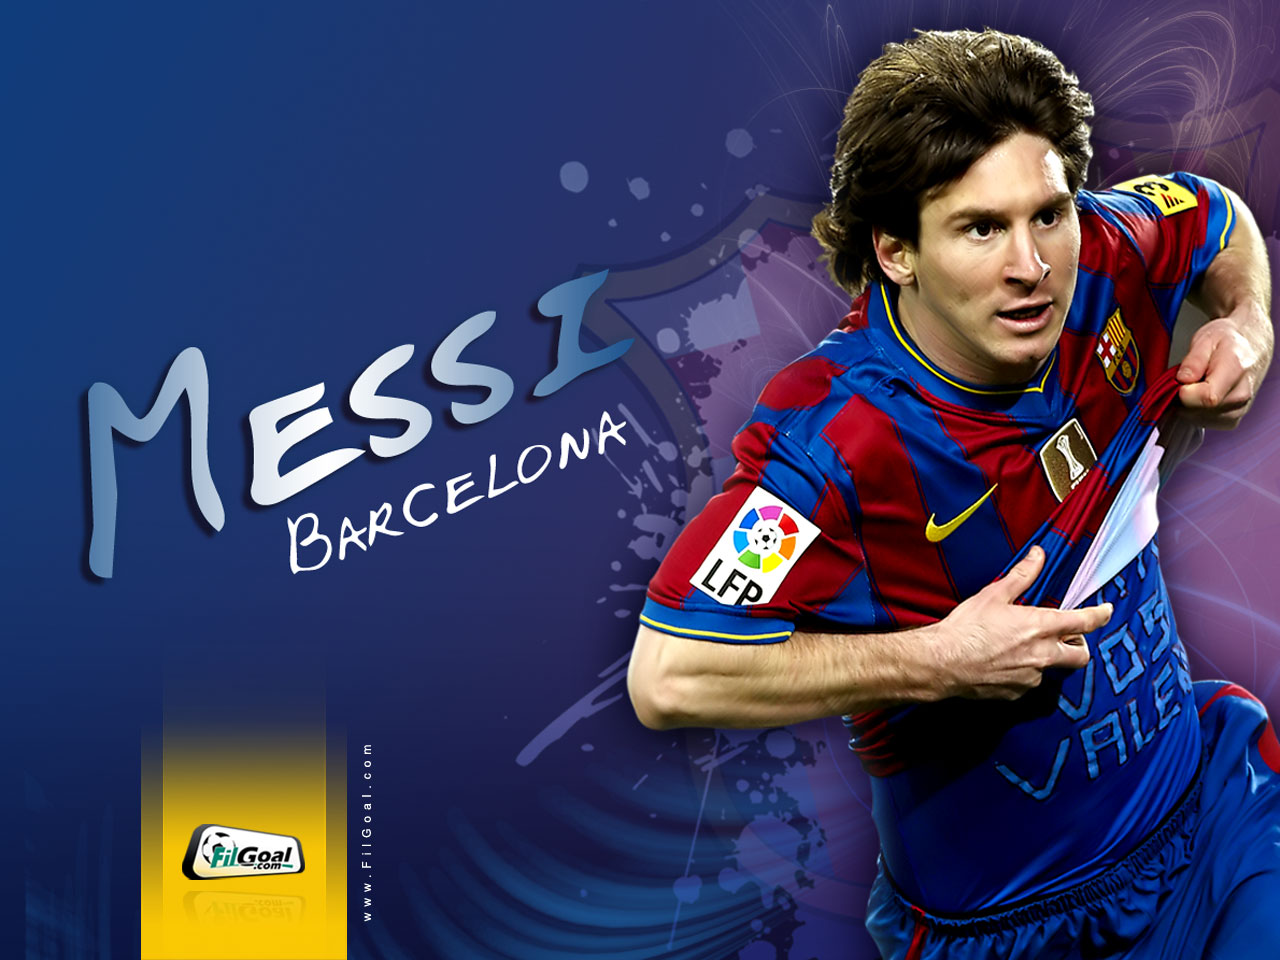 http://4.bp.blogspot.com/-DE0v5MQ6qEU/T_F3JlO14LI/AAAAAAAAAW8/x6C69IC4yrc/s1600/Messi-2012.jpg